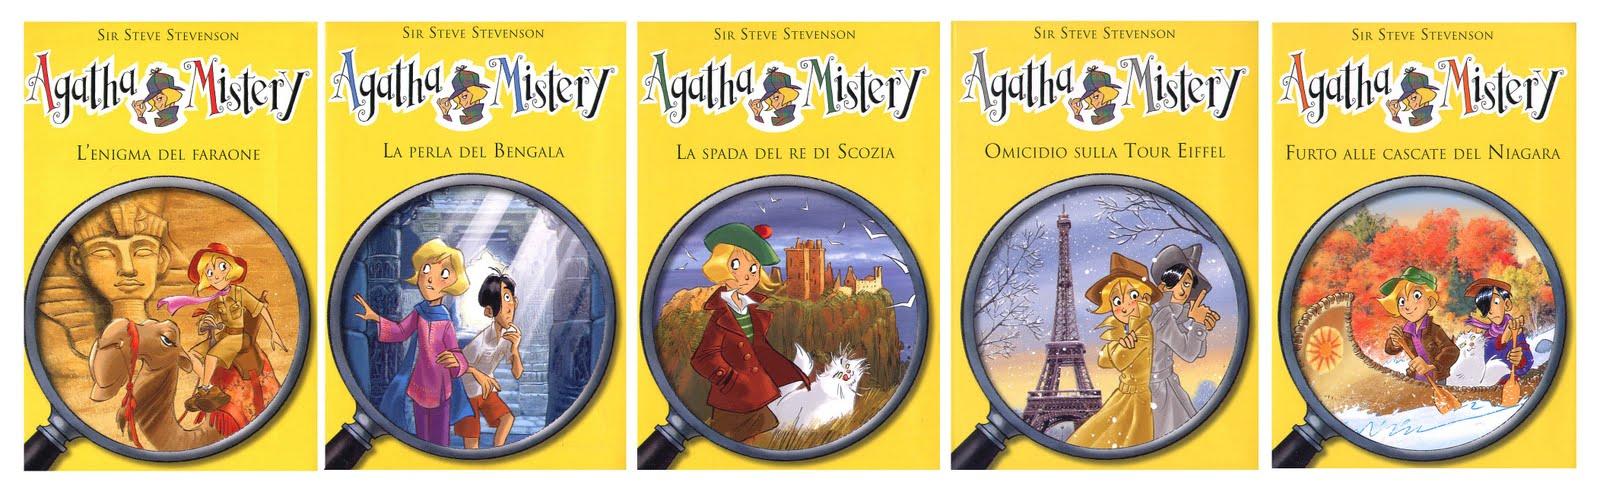 Alcuni titoli della collana Agatha Mistery